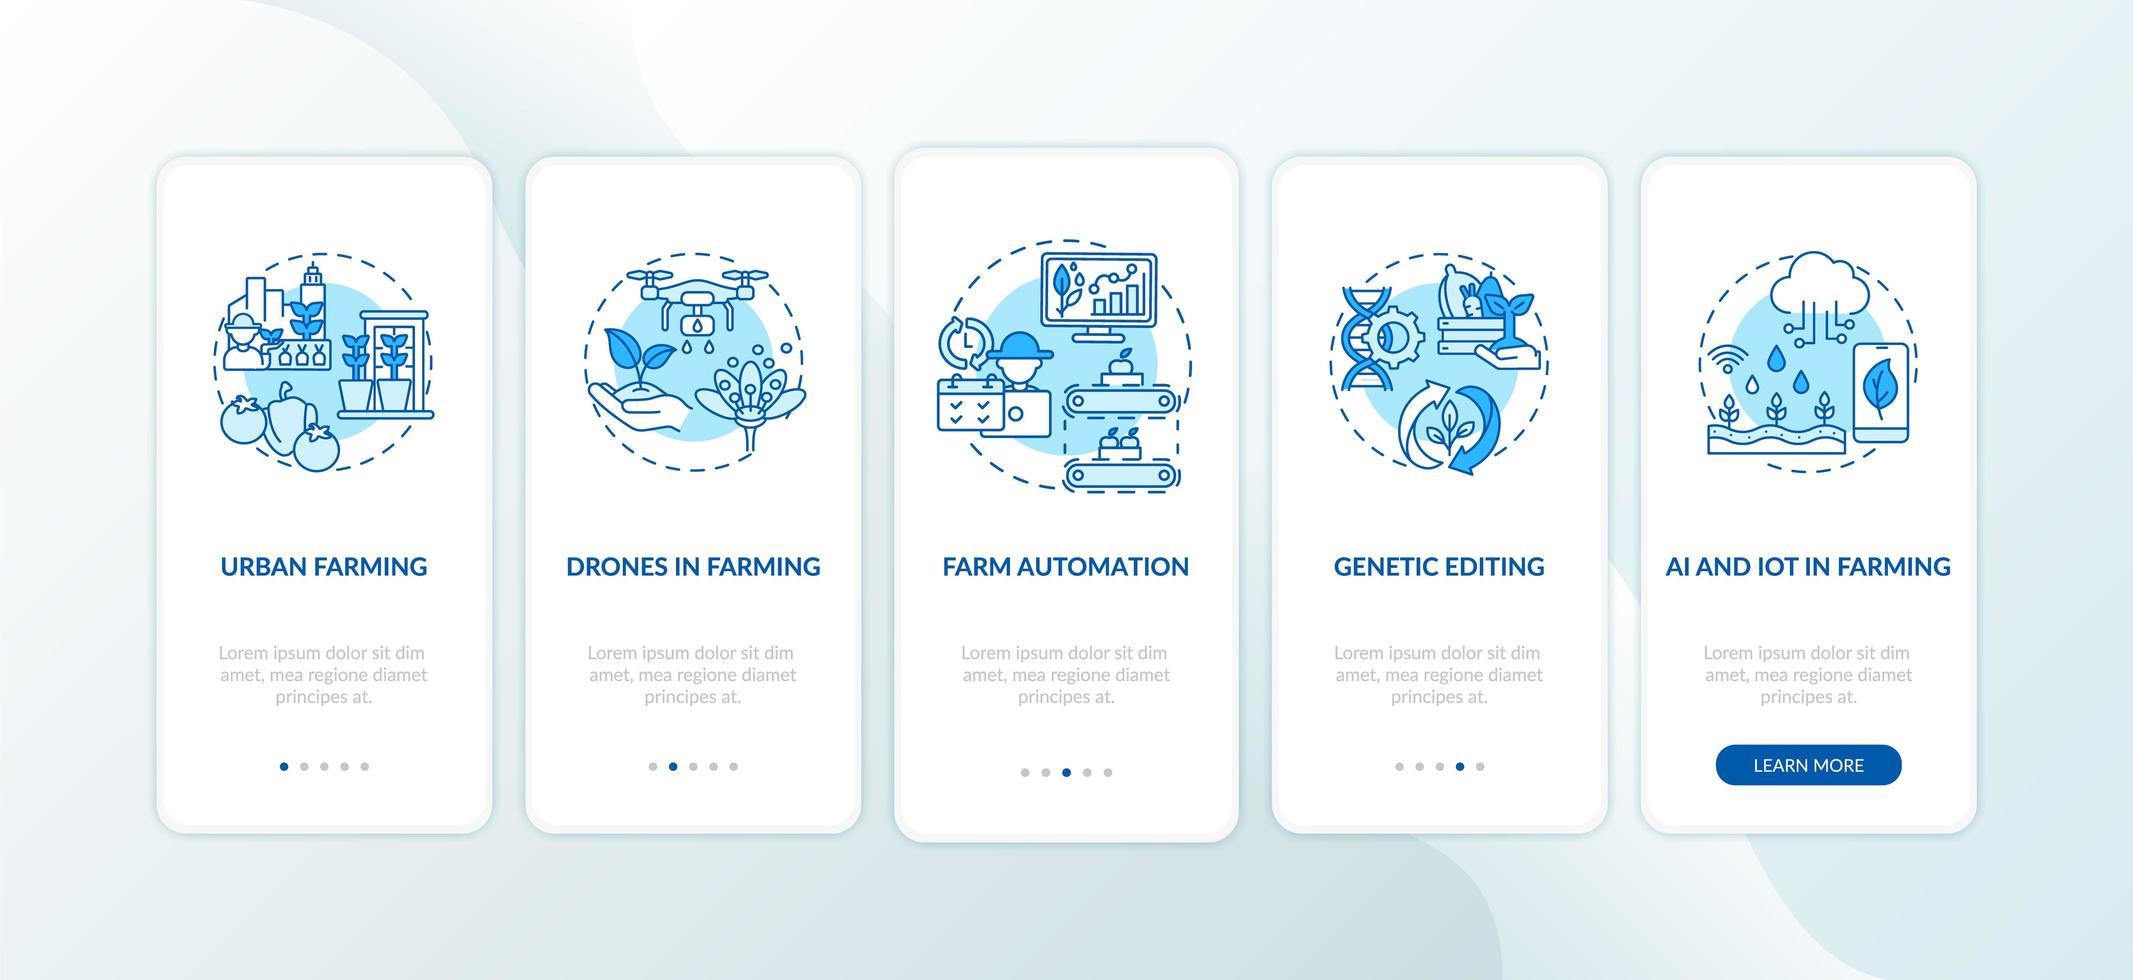 Landwirtschaft Innovation Innovation Onboarding Mobile App Seite Bildschirm mit Konzepten vektor